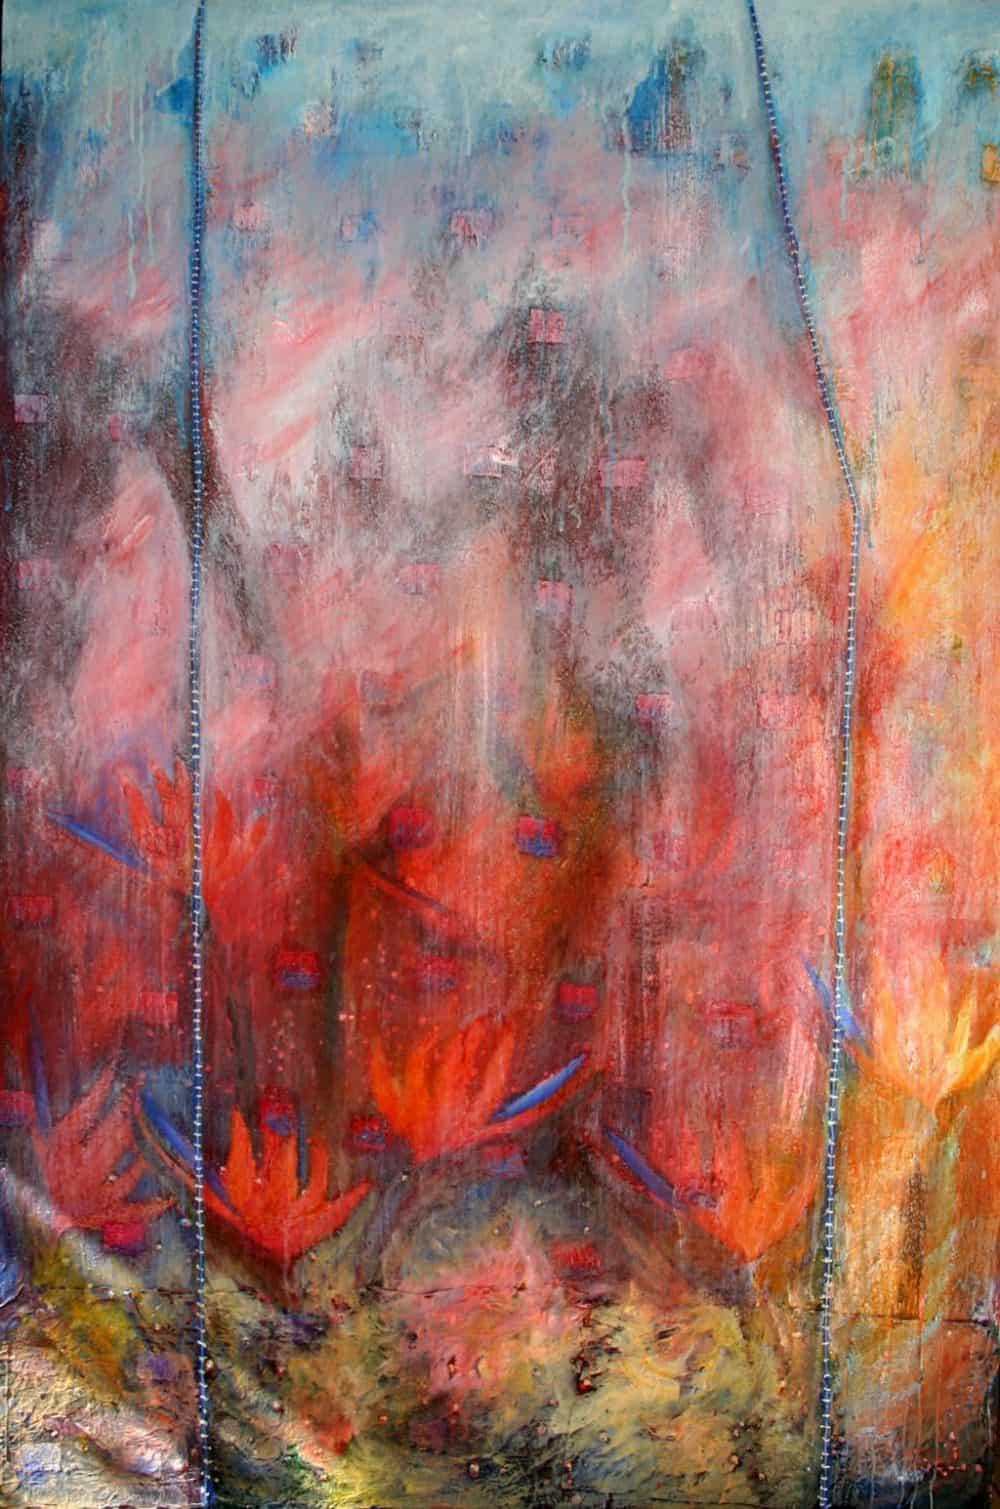 nalini-treebhoobun-curtains-of-dawn-1